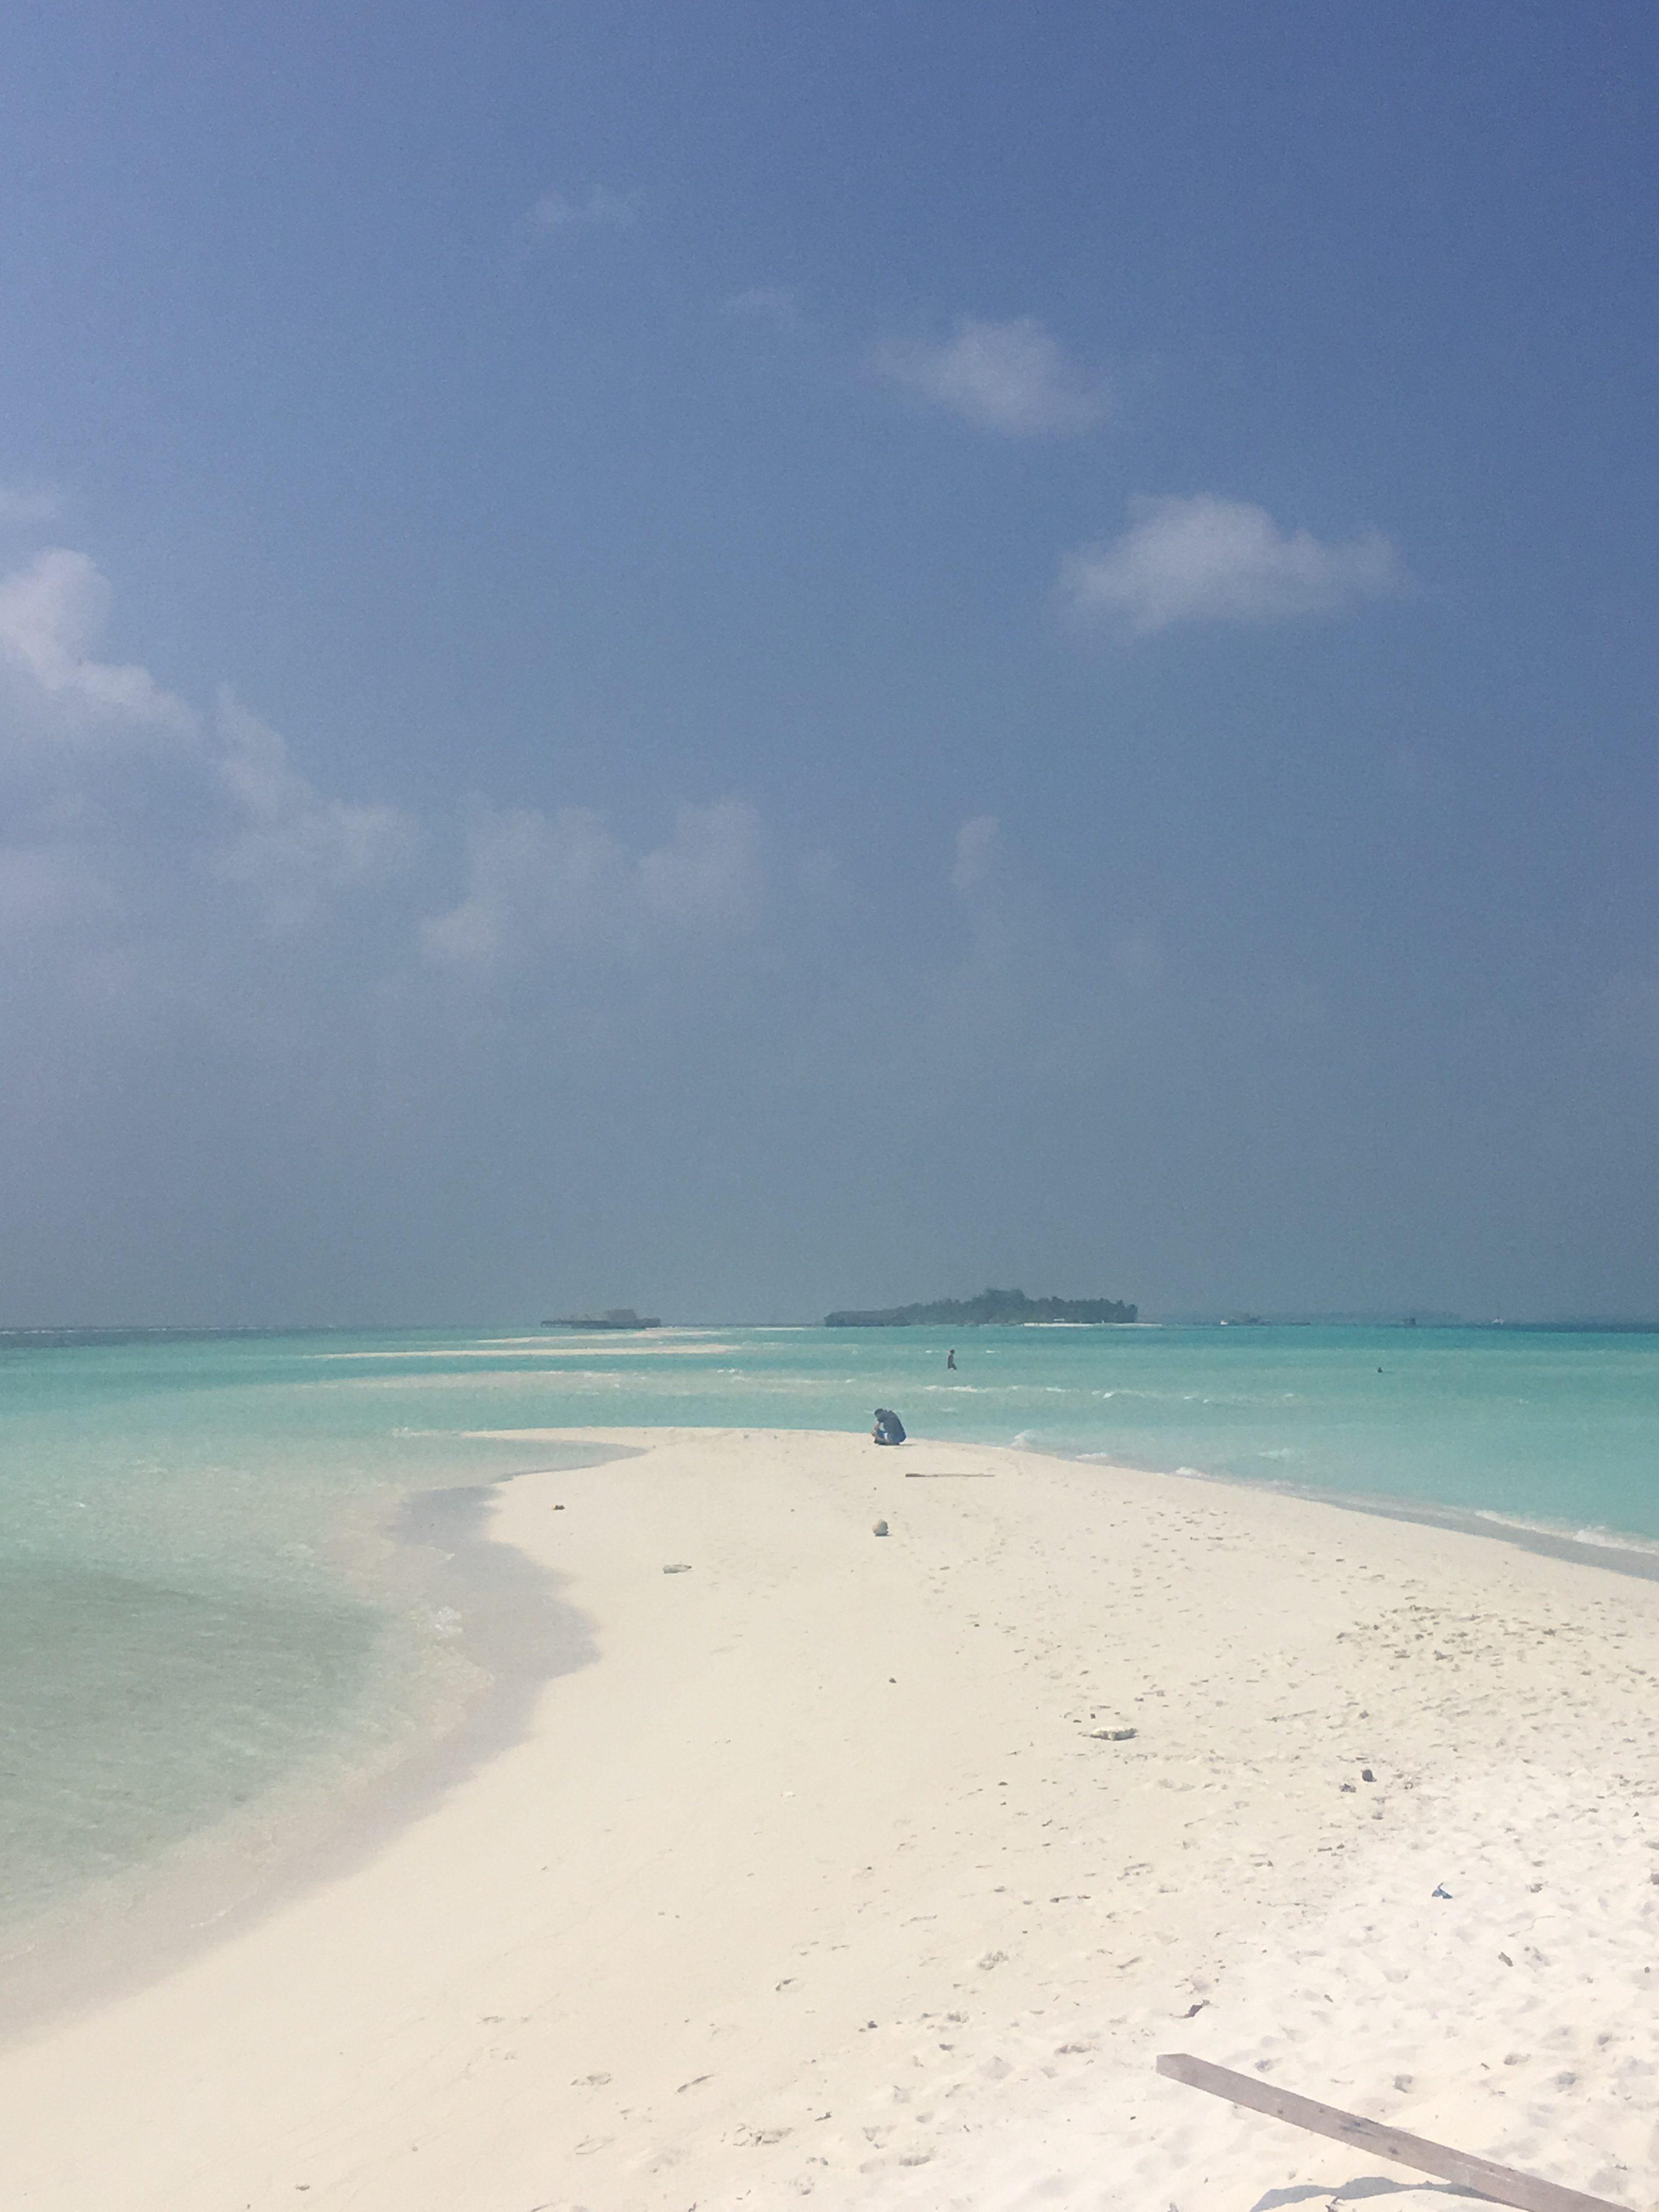 Eine schmale Sandbank führt ins türkise Meer hinaus.